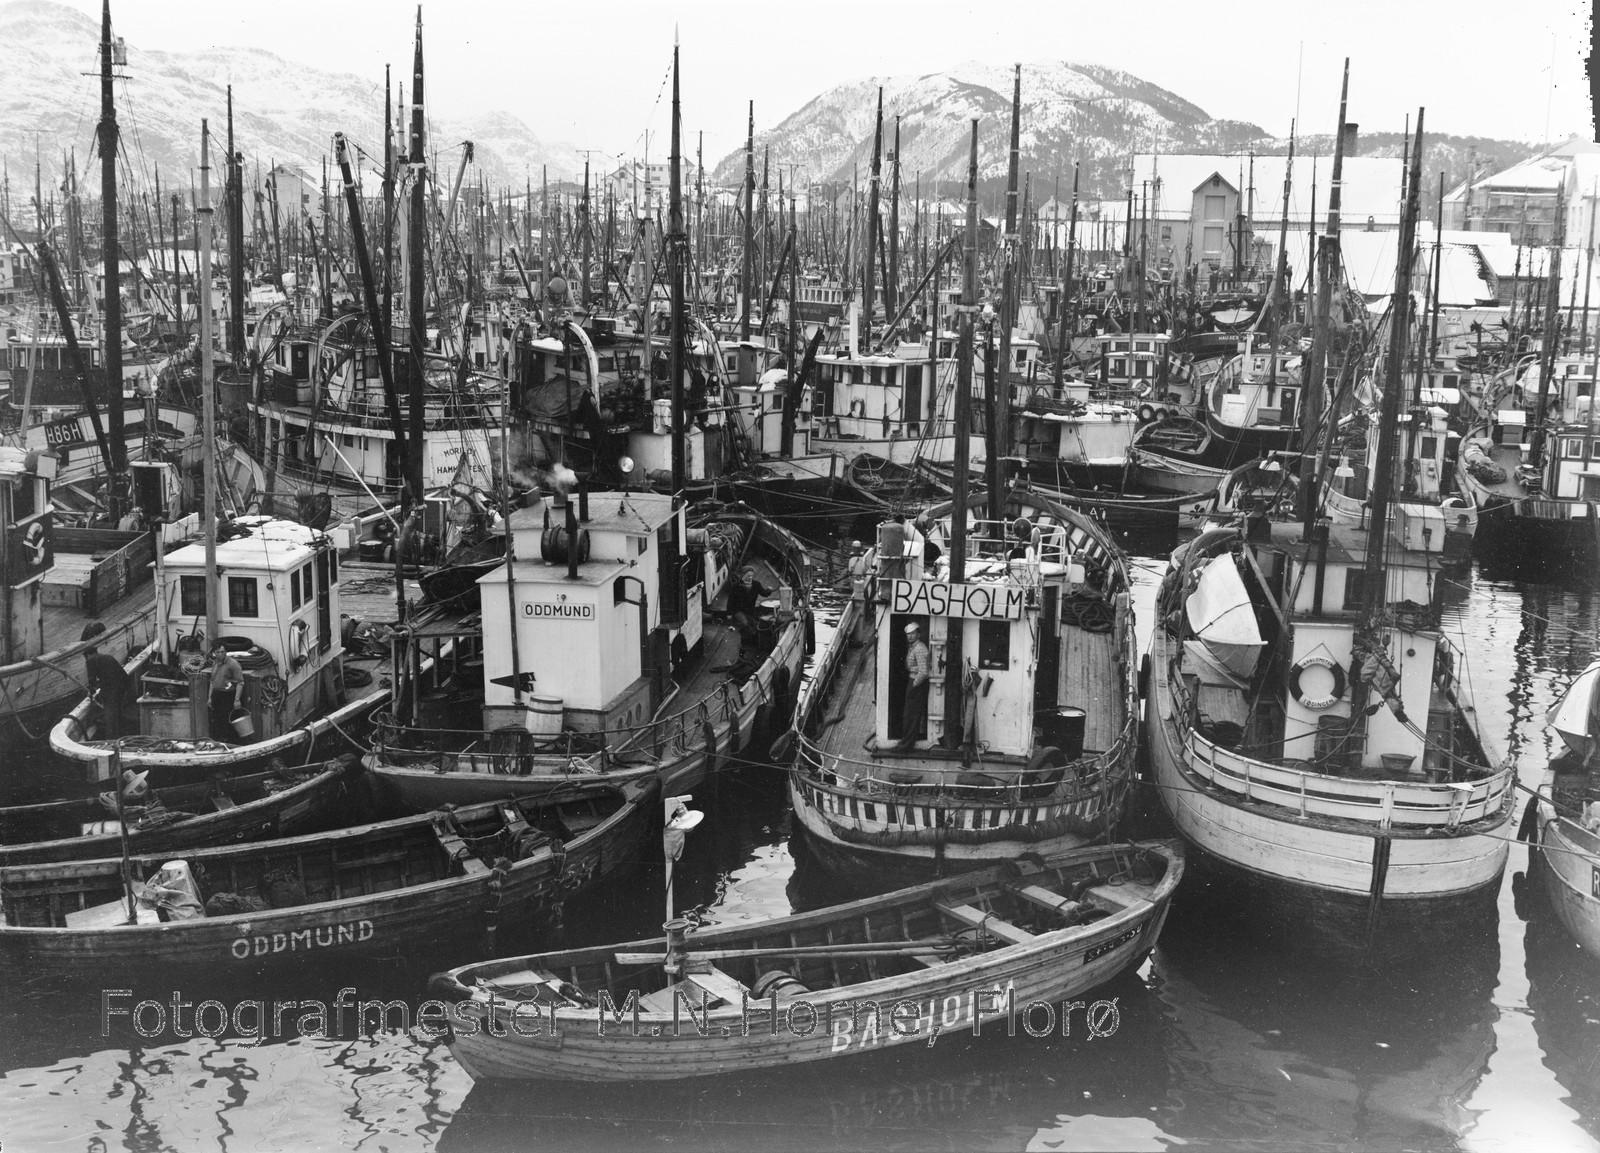 SILDAFISKE: Sildafisket i Førdefjorden og i Florø er godt dokumentert i samlinga. Her er fiskeflåten i hamn ein gong på 50- eller 60-talet.